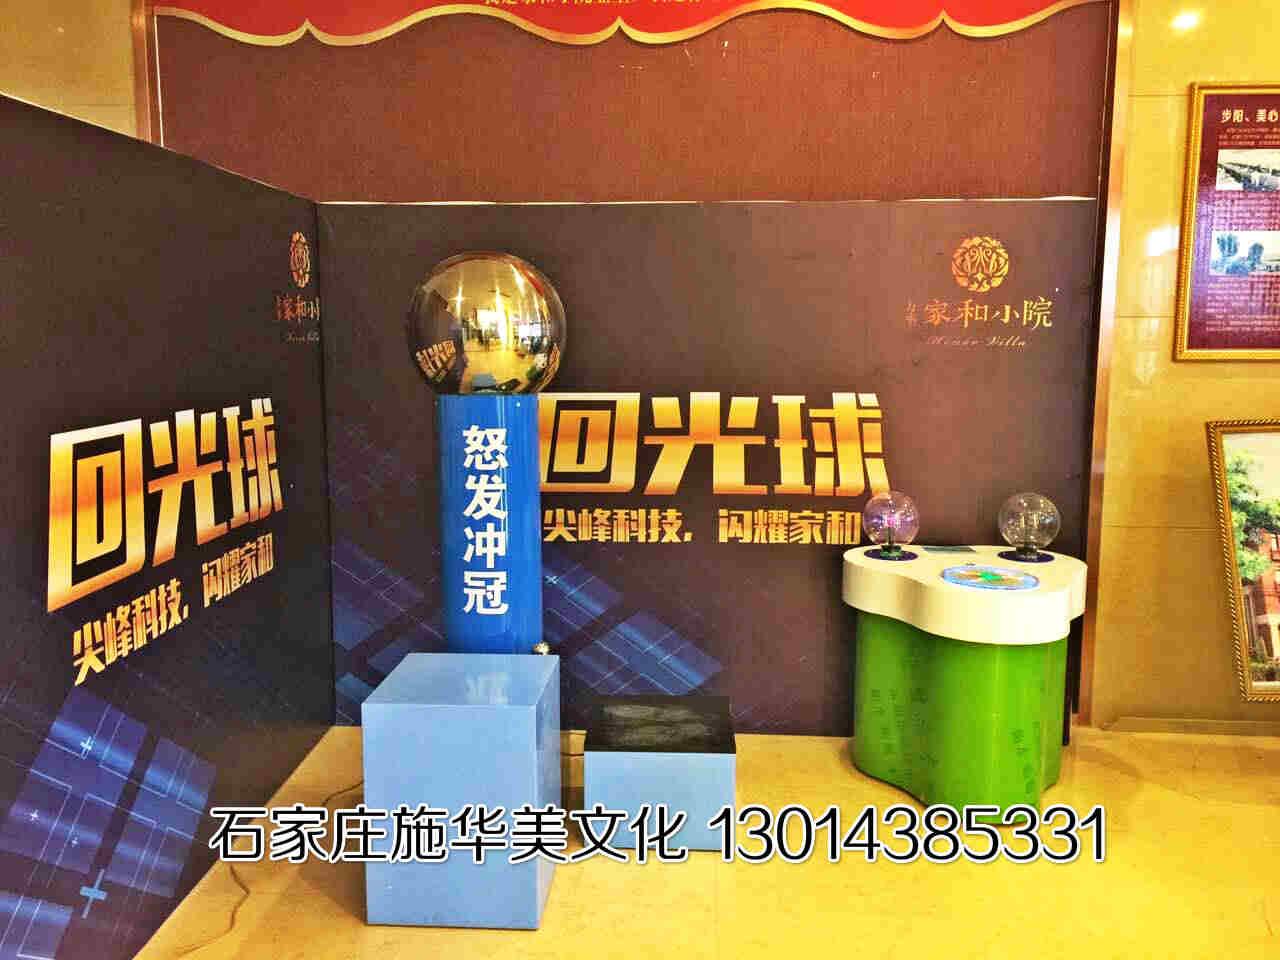 大奖官方娱乐88pt88科普道具巡展租赁